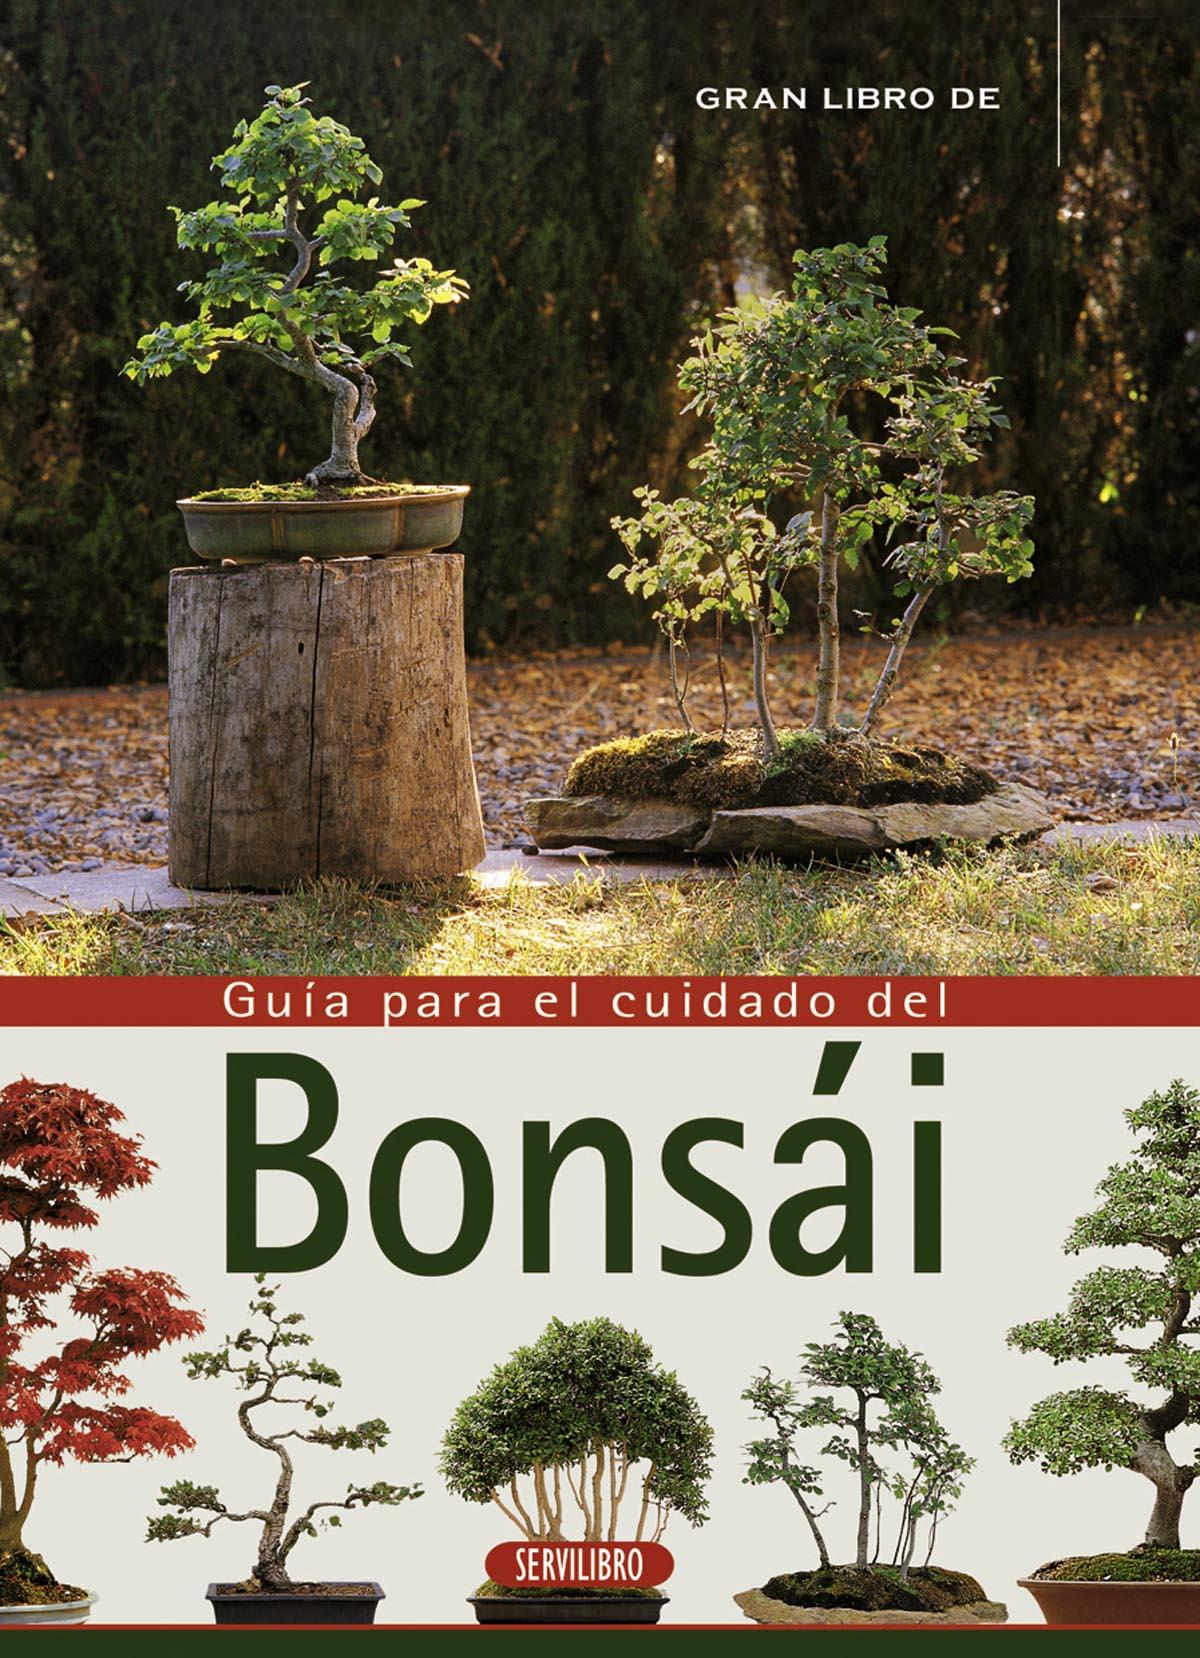 Jardiner a libros servilibro ediciones el cuidado del - Cuidado del bonsai ...